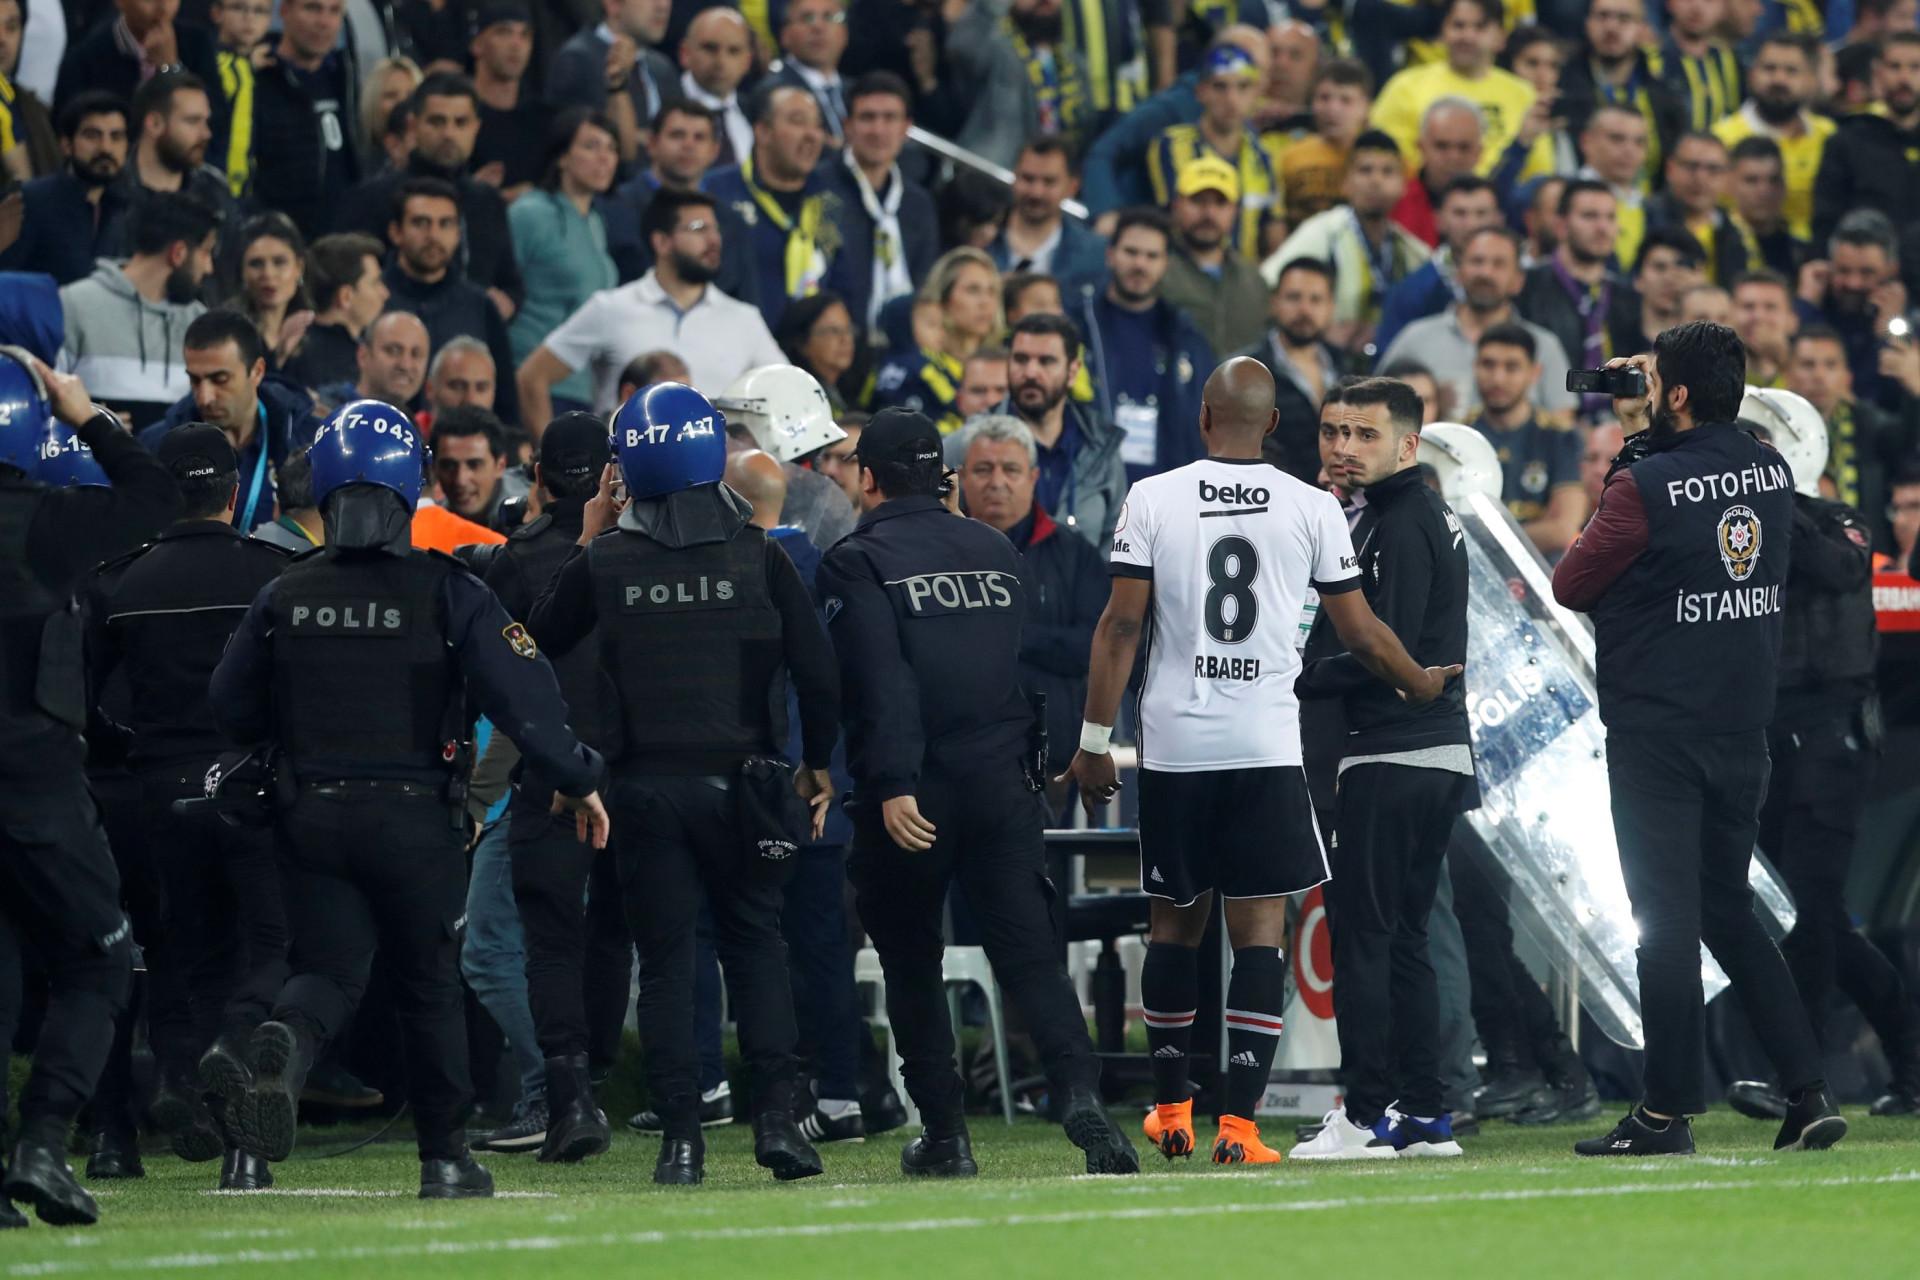 Veja as imagens dos confrontos do dérbi turco entre Besiktas e Fenerbahçe